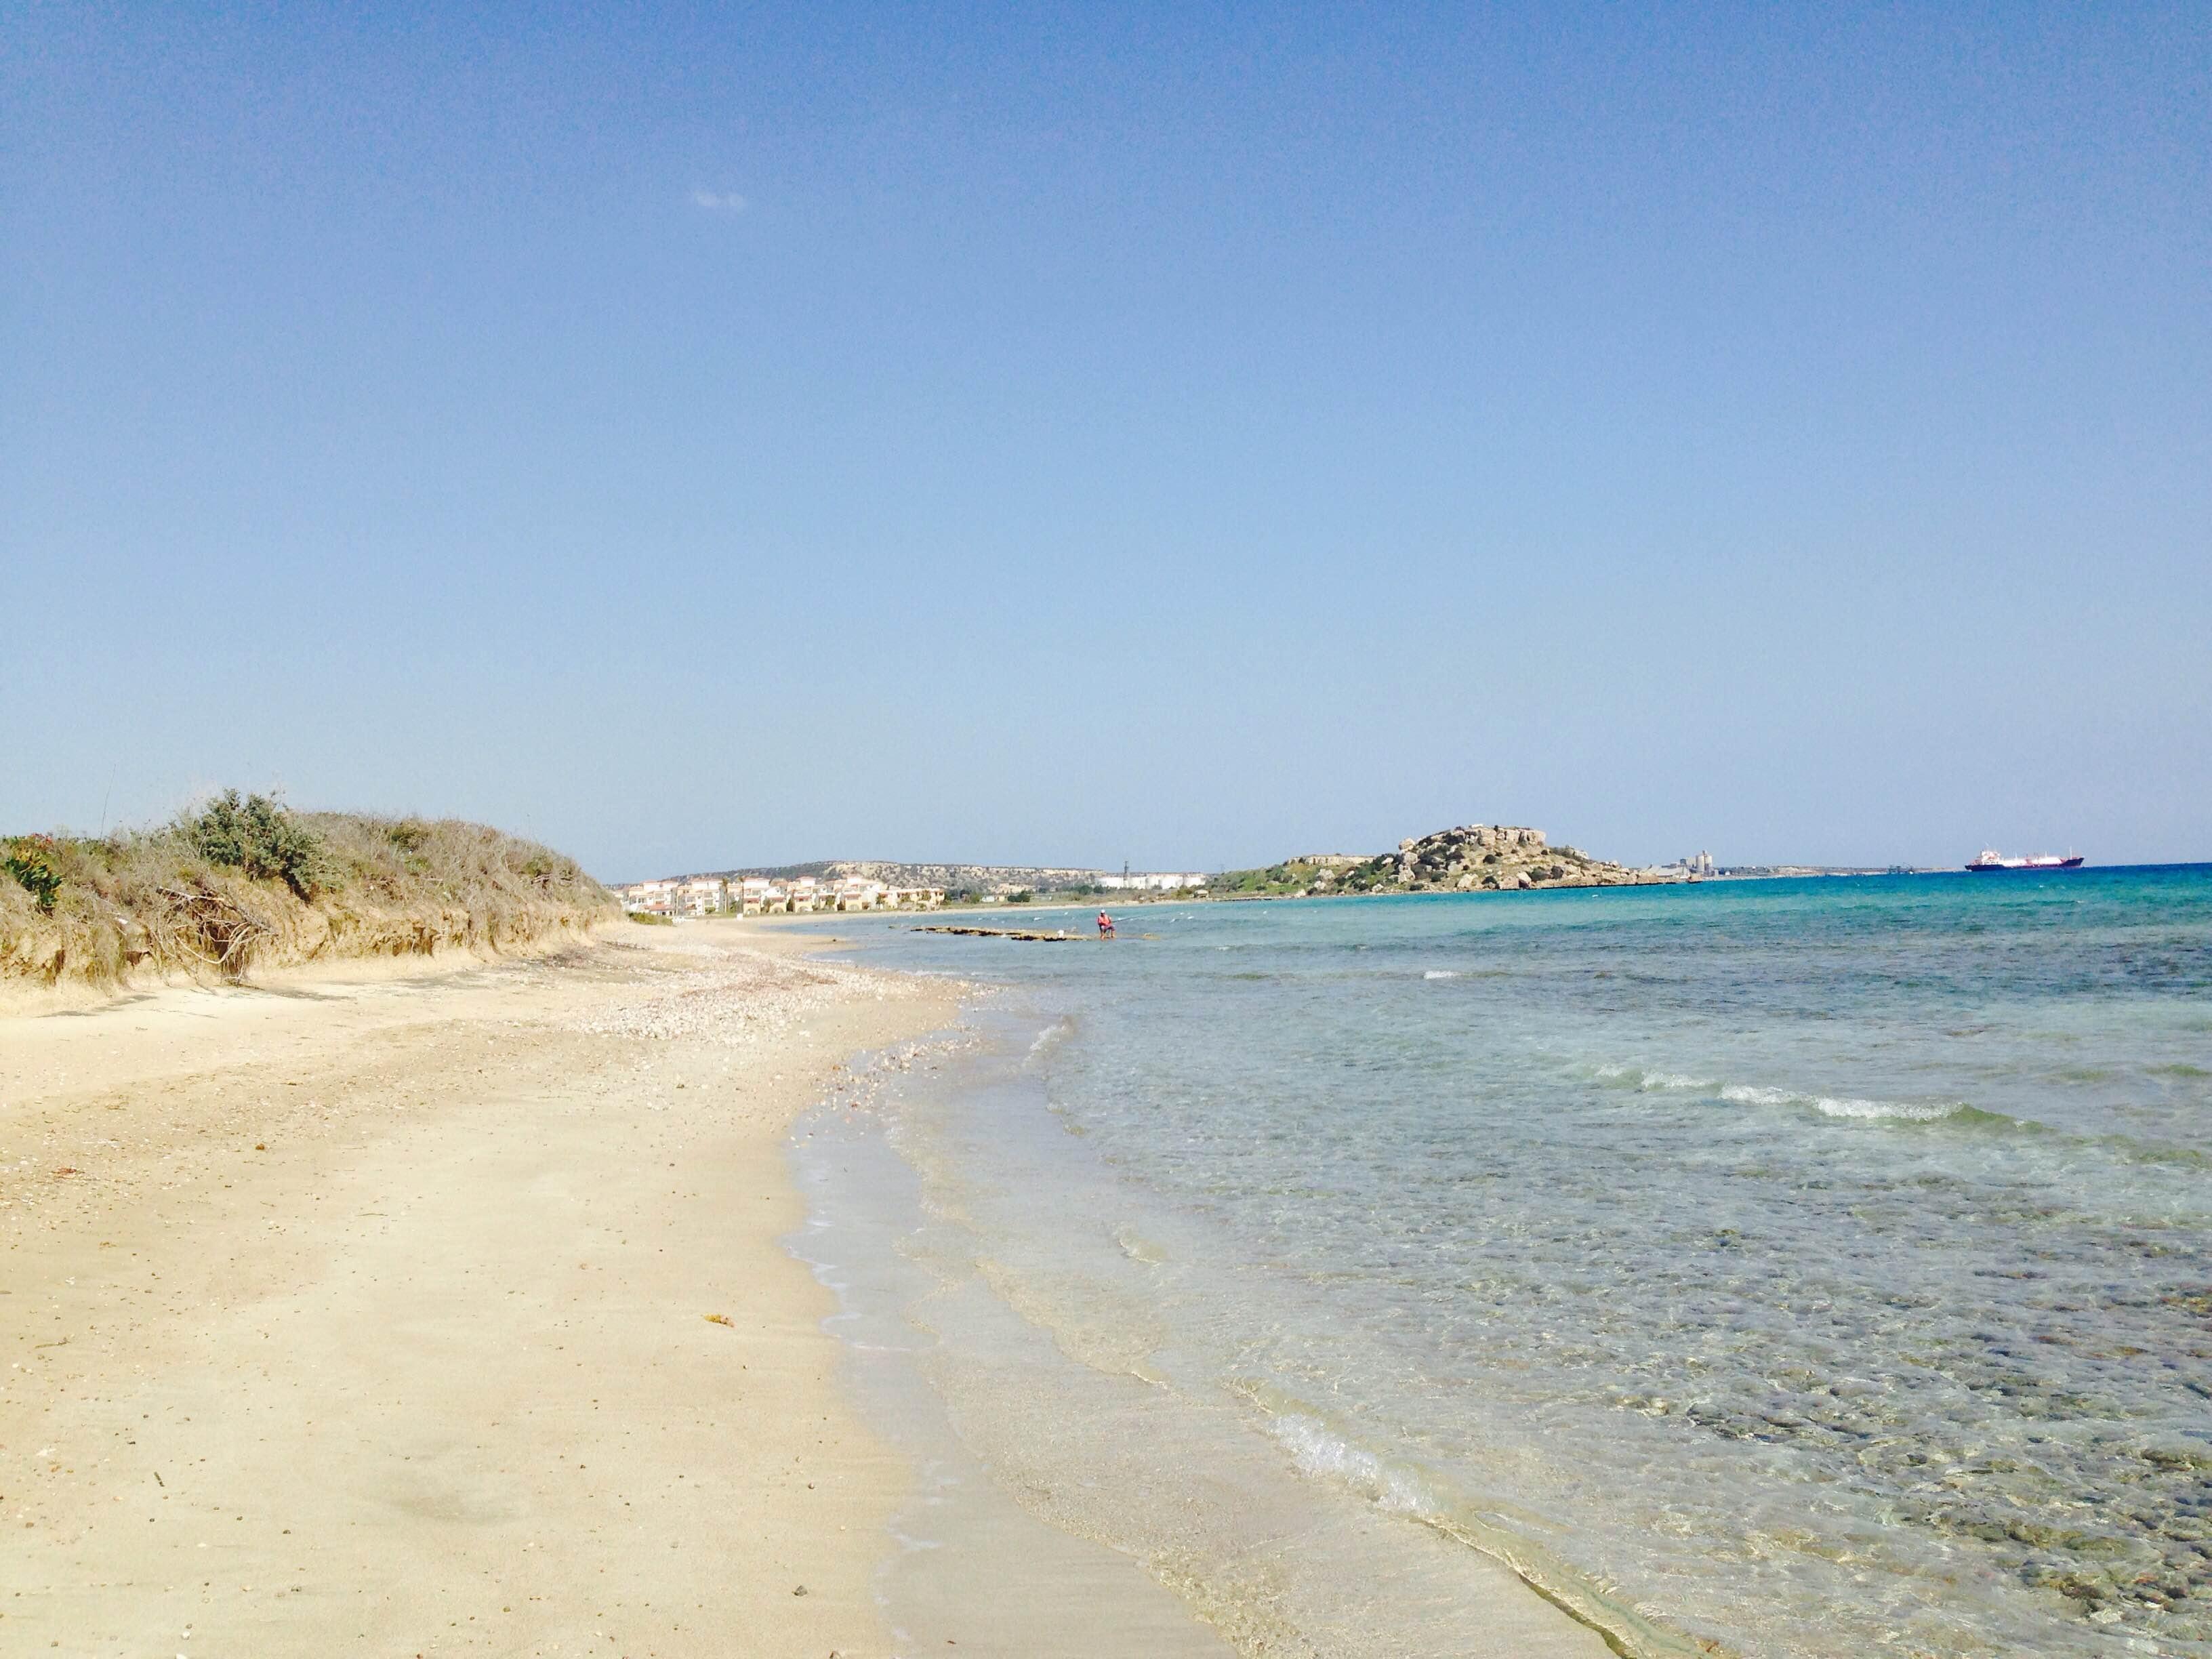 CYPR - LATO 2018: domek przy plaży, 8 dni (24.09-01.10.2018 r.), bez wyżywienia: 2 + 1